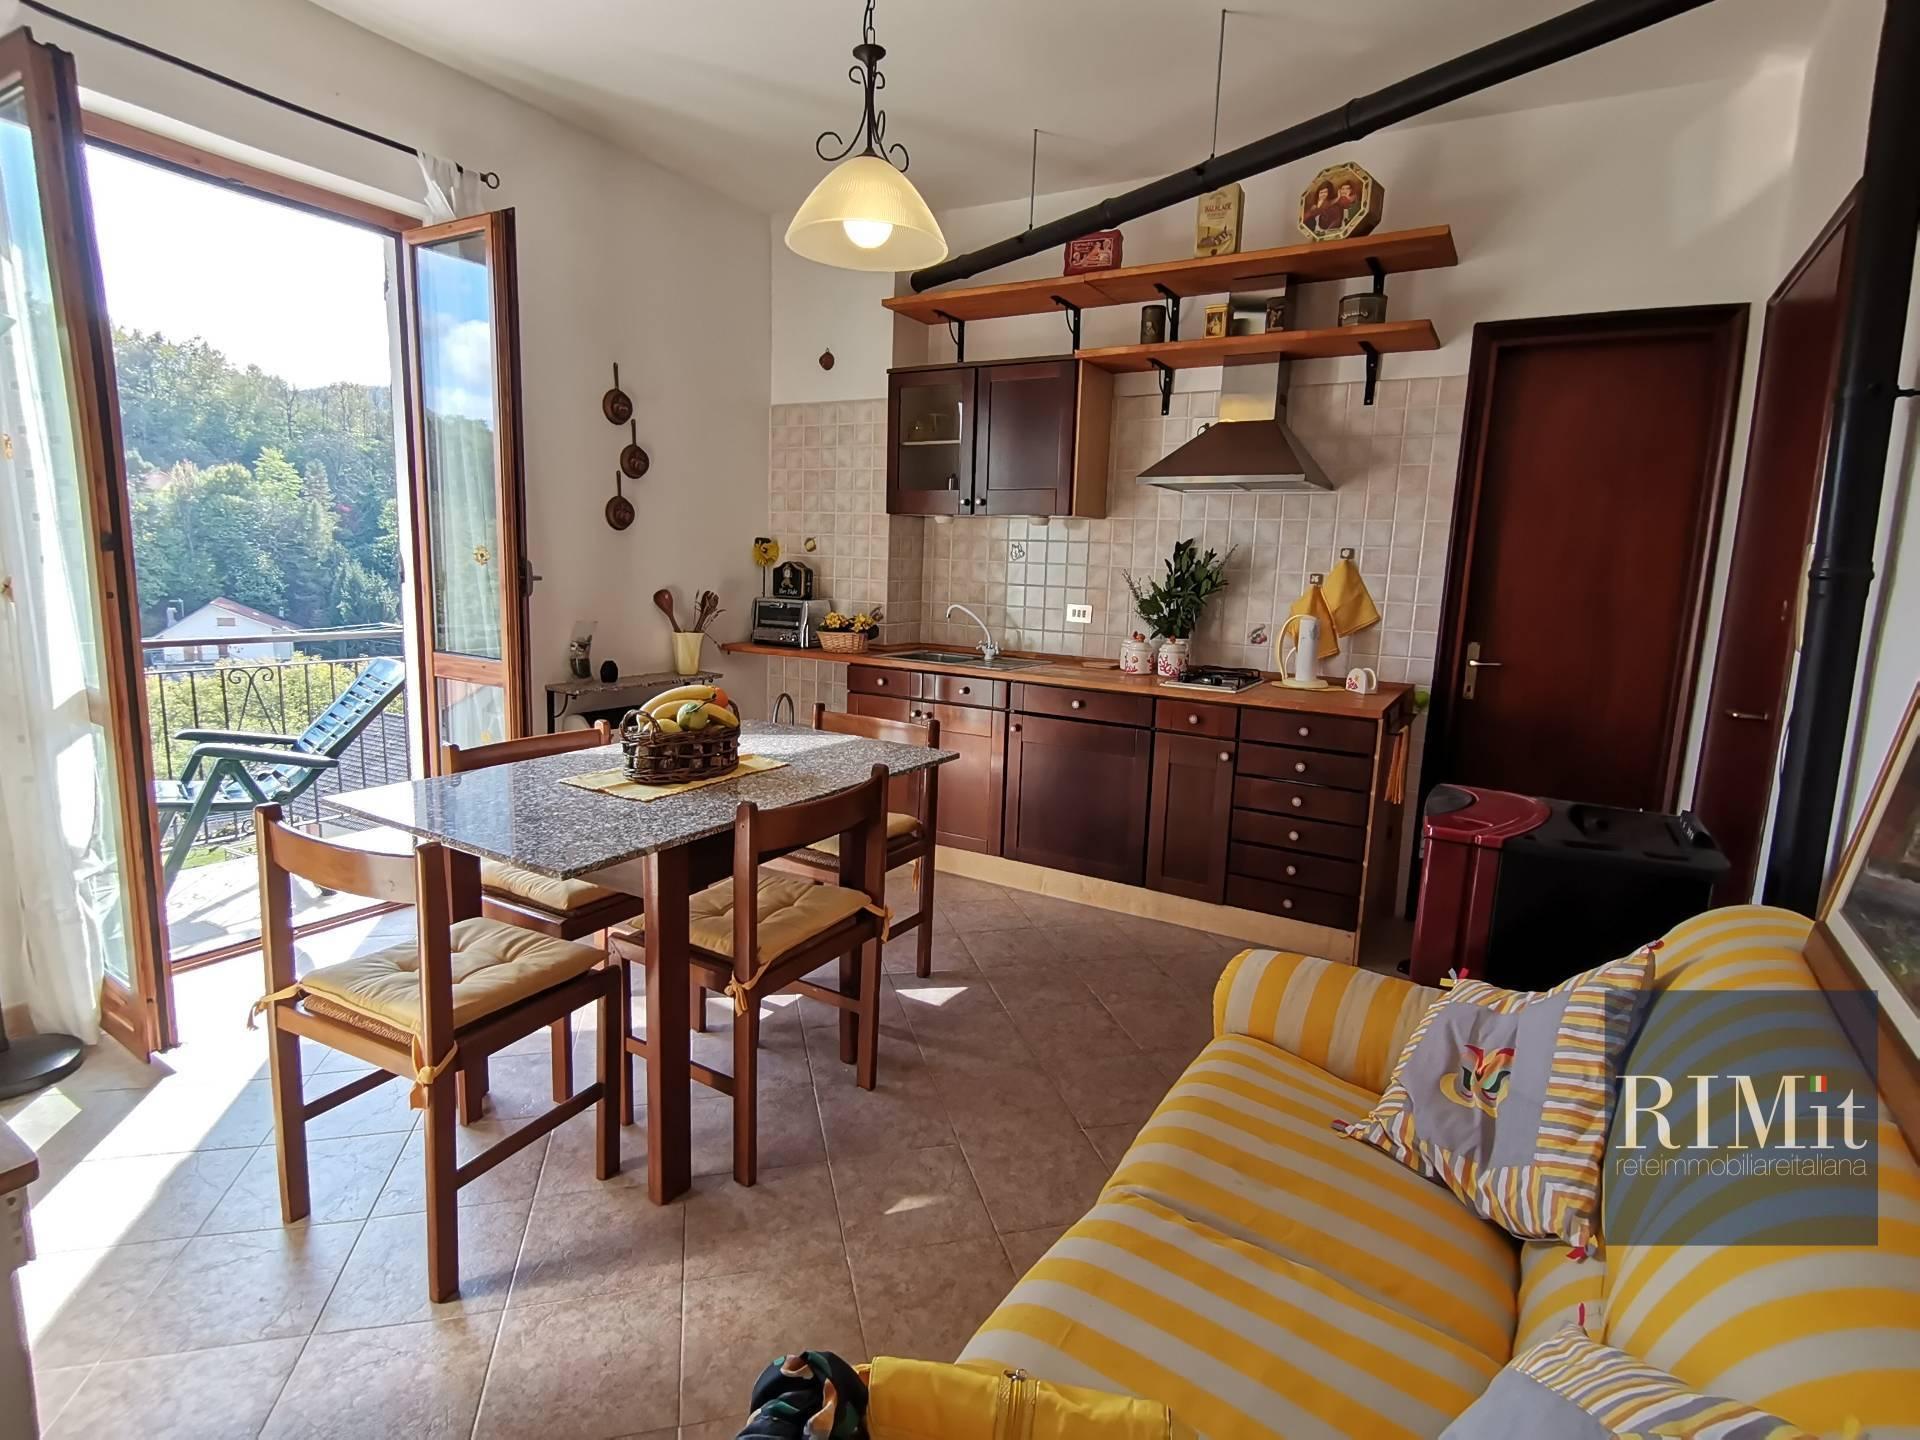 Appartamento in vendita a Giusvalla, 2 locali, prezzo € 40.000 | PortaleAgenzieImmobiliari.it